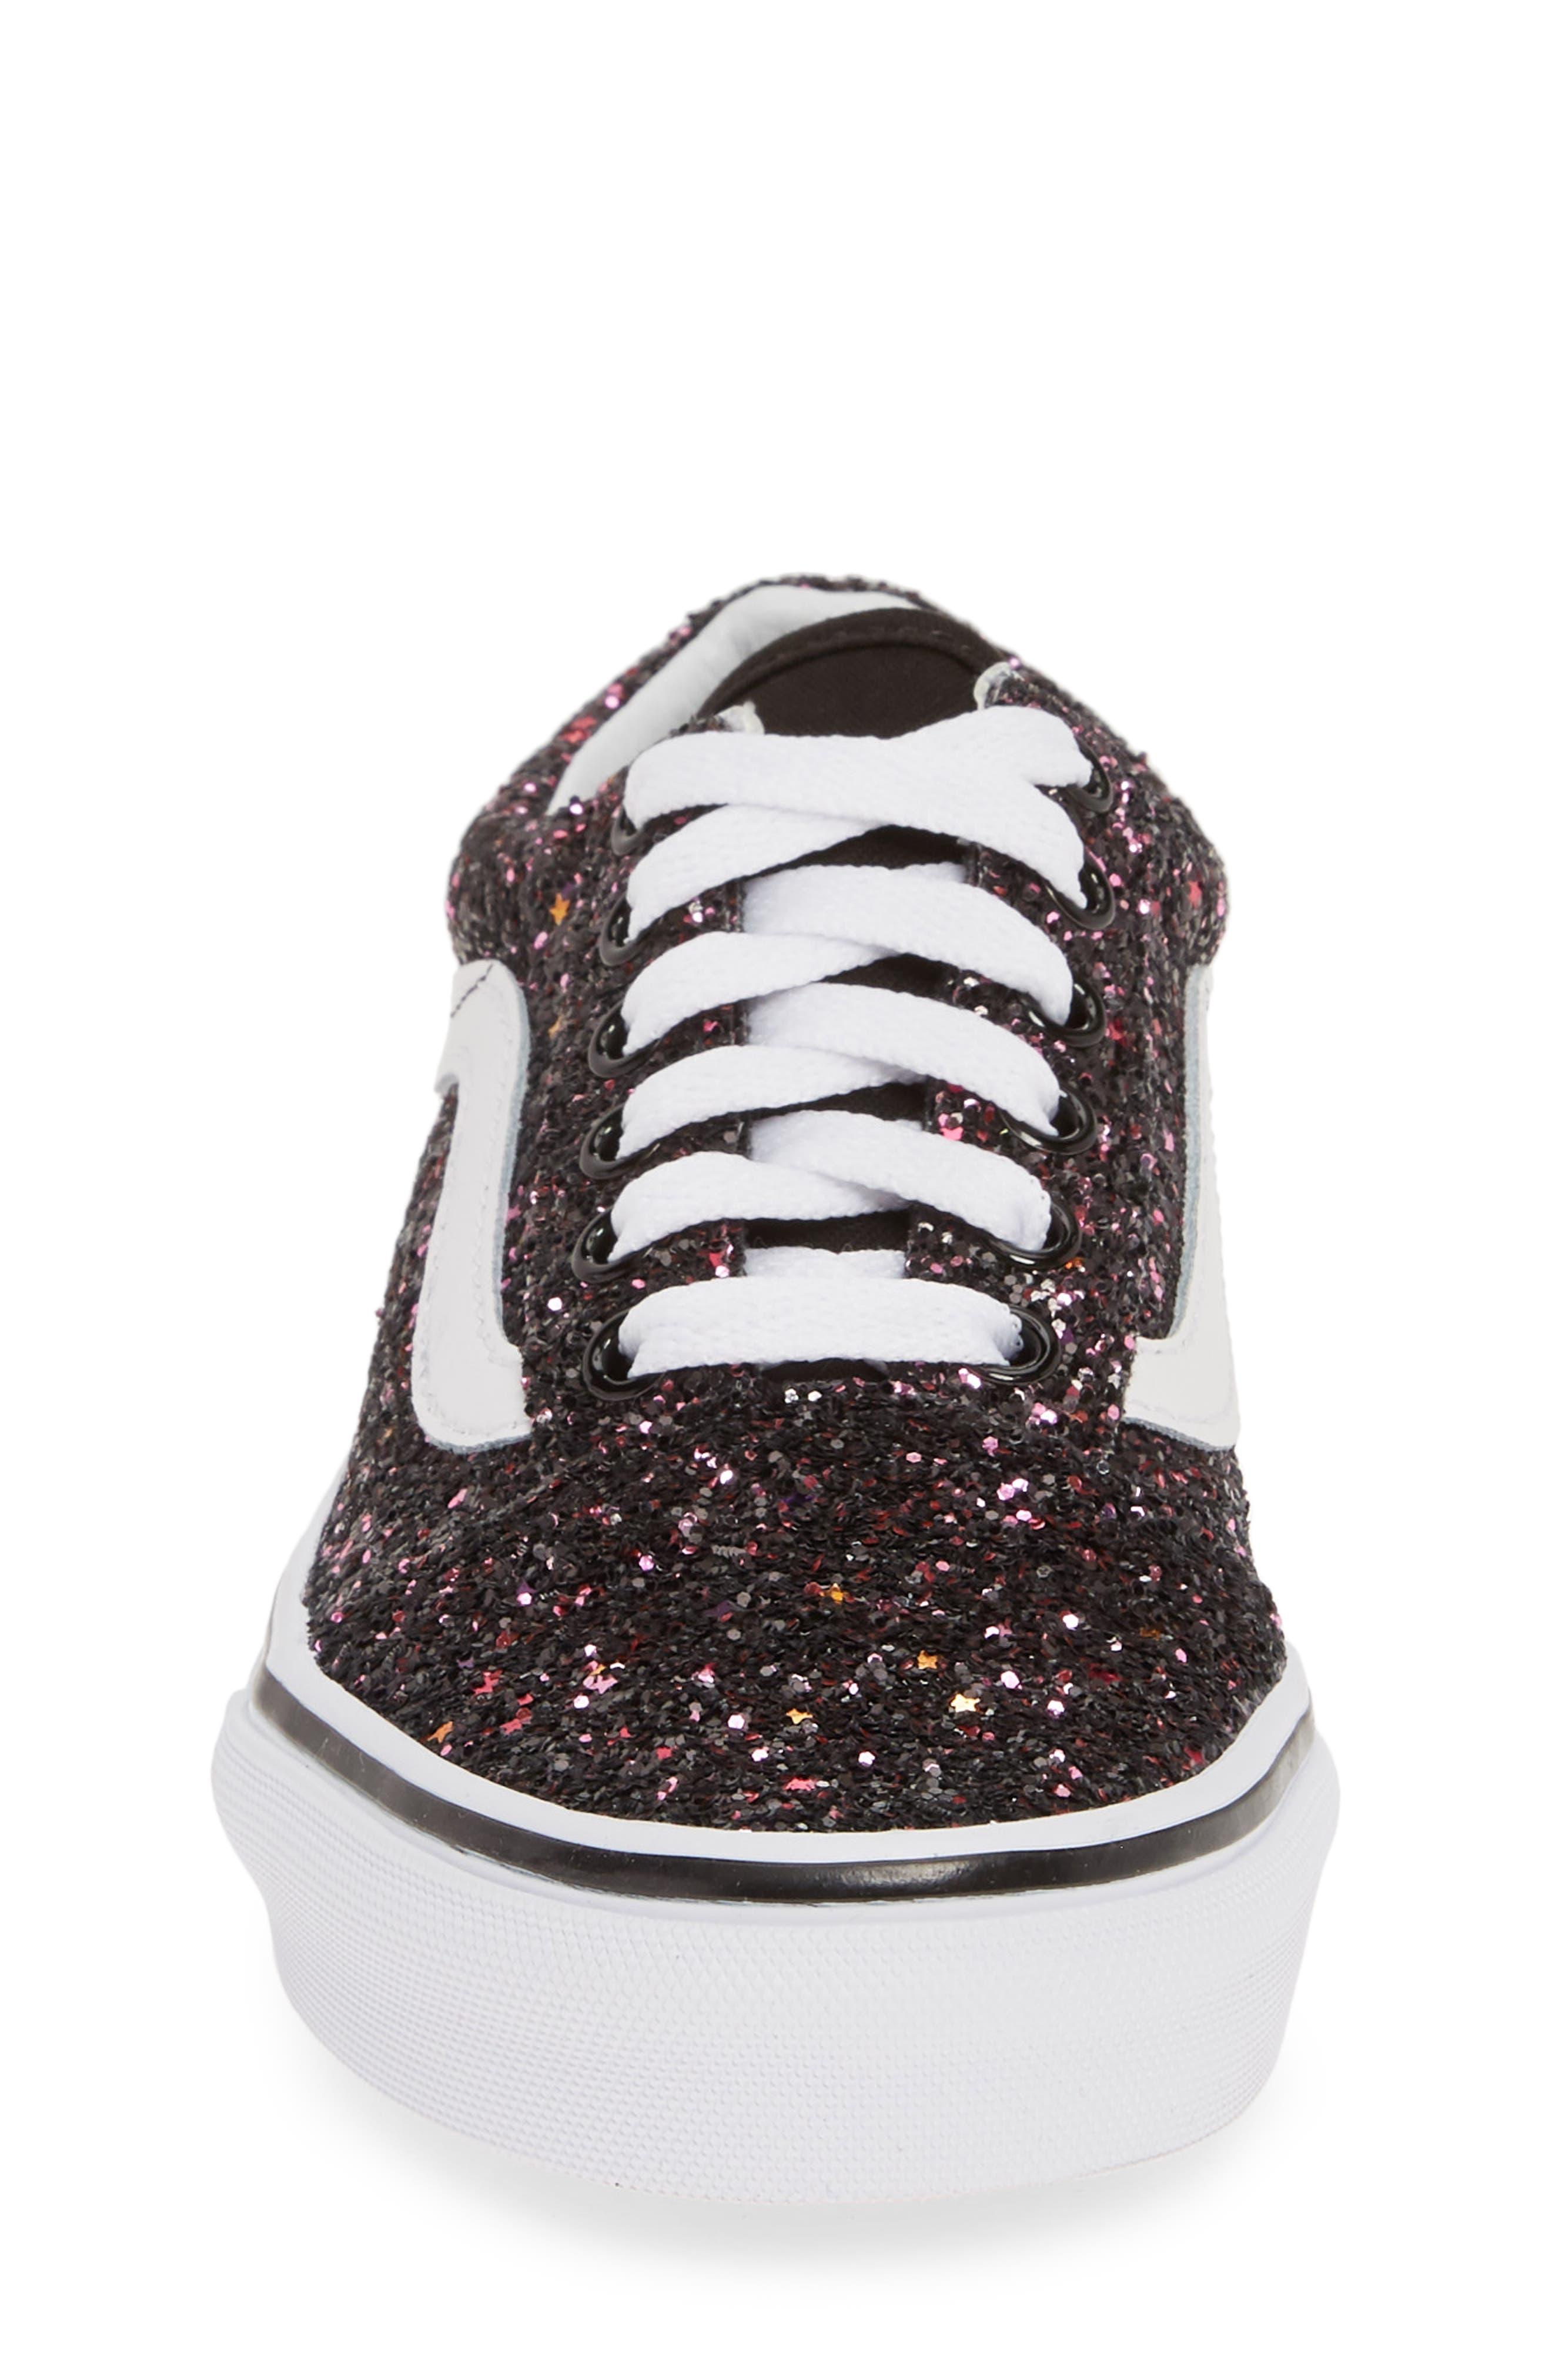 VANS,                             Old Skool Sneaker,                             Alternate thumbnail 4, color,                             GLITTER STARS BLACK/ WHITE